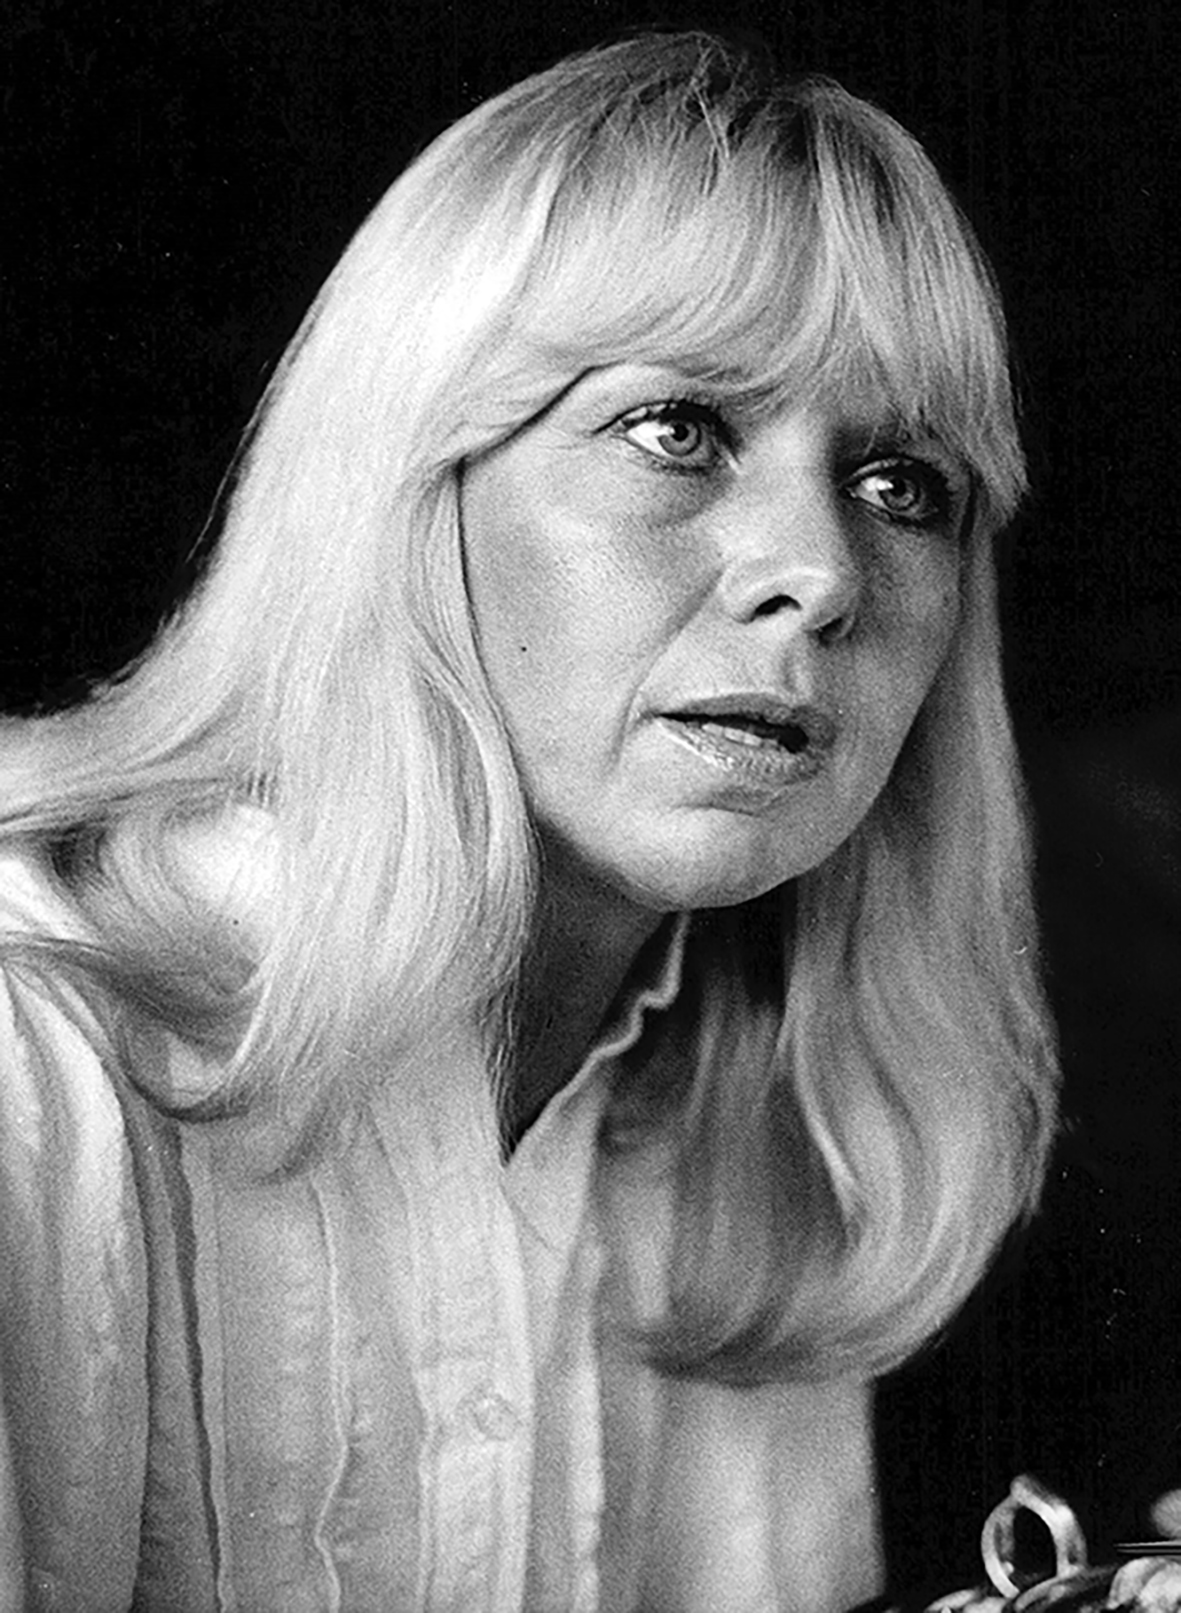 En nära bild på Anita Lindblom. Hon har ljust utsläppt hår. Hon ser allvarlig ut.